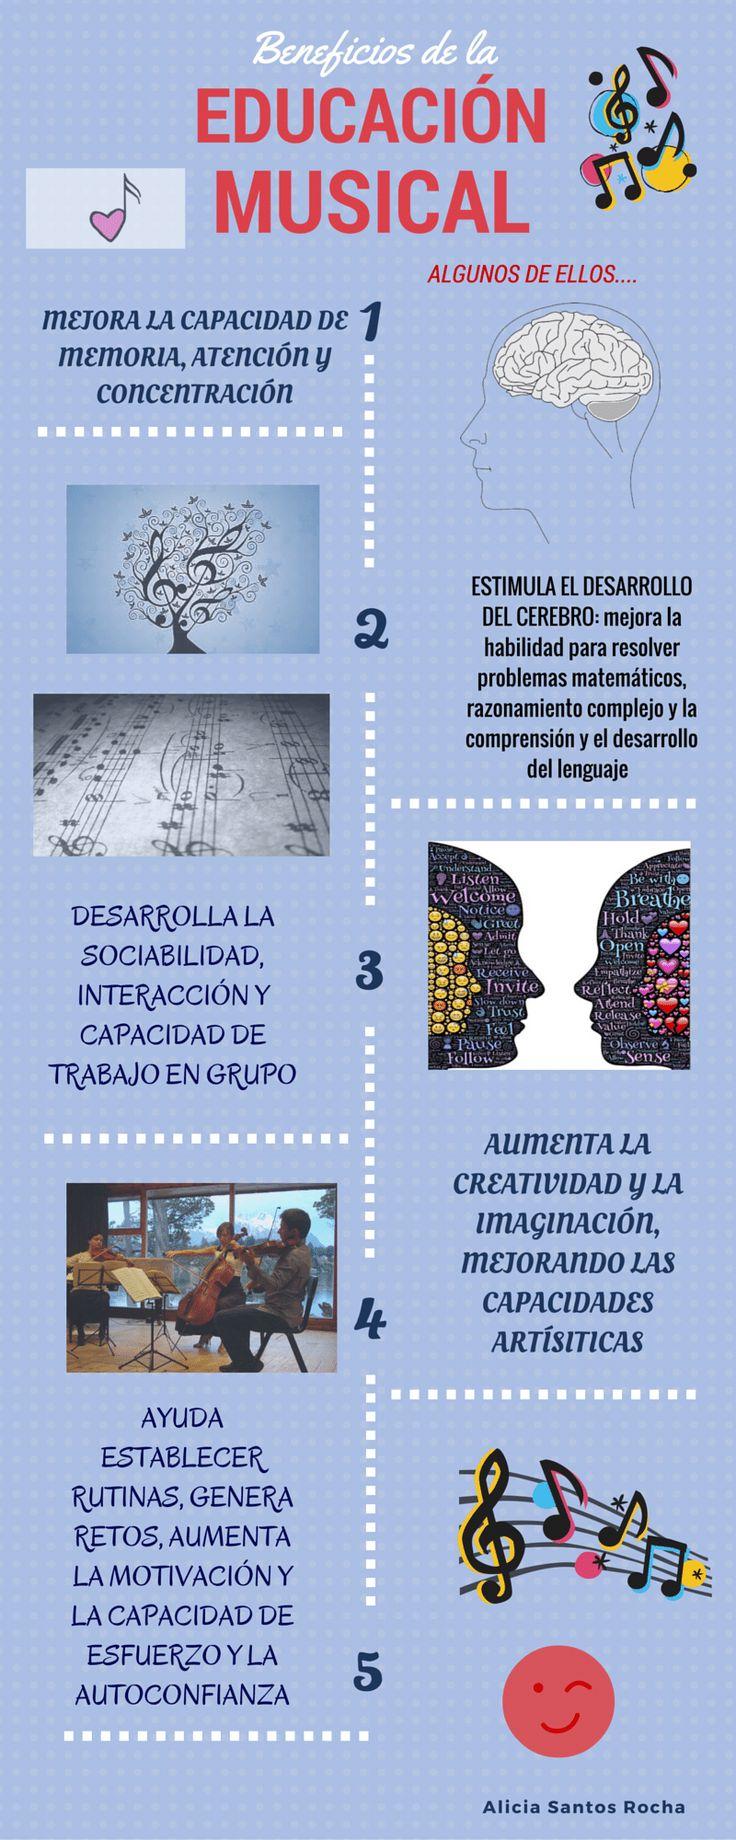 EDUCACIÓN MUSICAL Beneficios de la                 ...